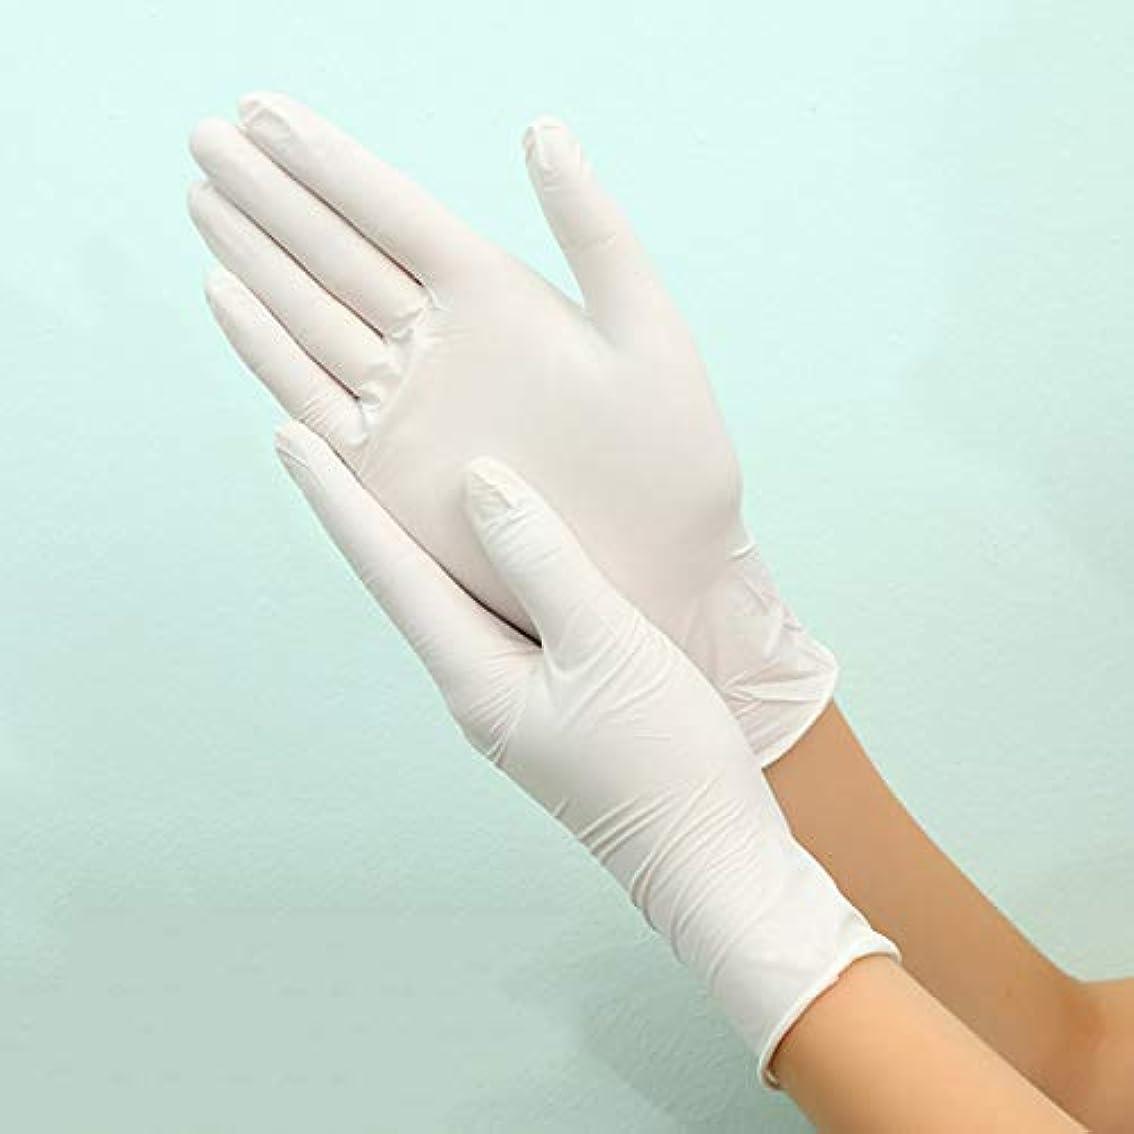 作物プレゼントバービニール手袋 使い捨て手袋 グローブ ニトリルグローブ ゴム手袋 粉なし 男女兼用 作業 介護 調理 炊事 園芸 掃除用,White50,XL